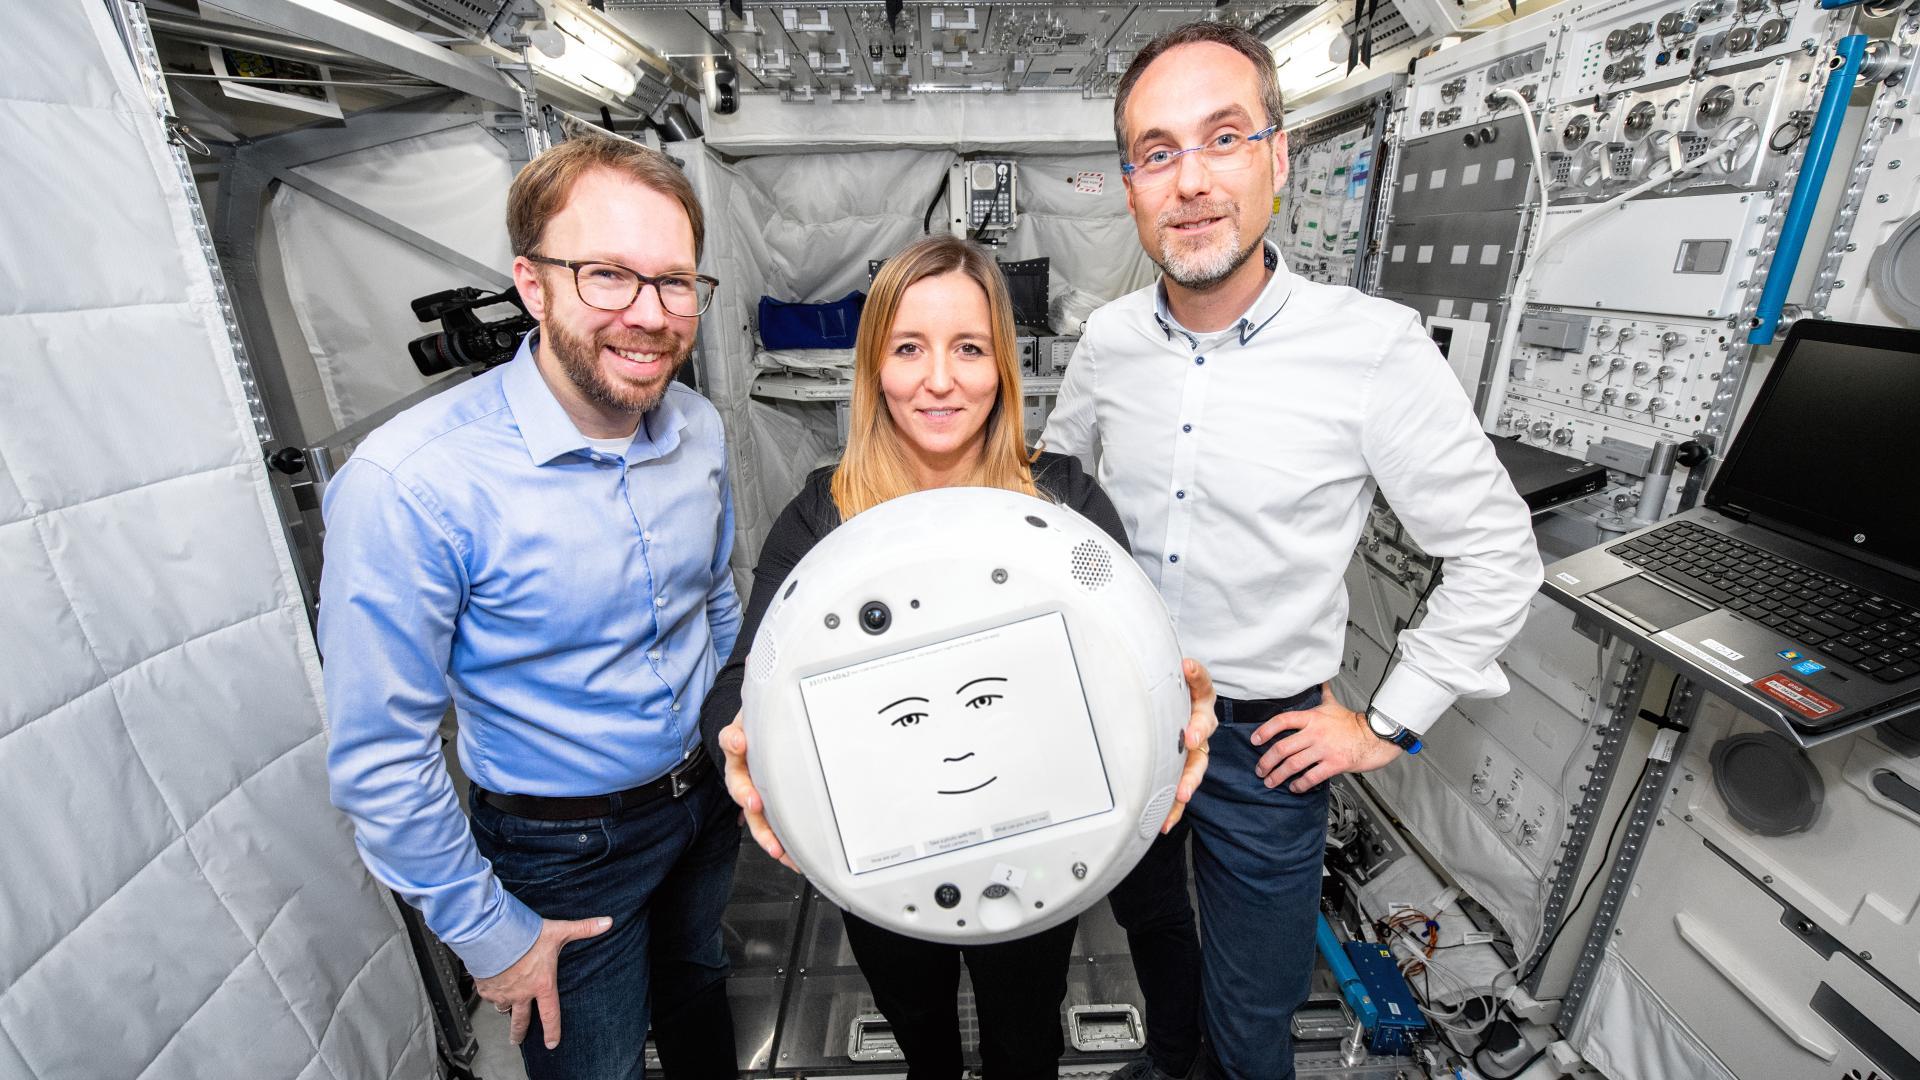 CIMON-2: el robot con inteligencia  emocional que ha llegado a la EEI